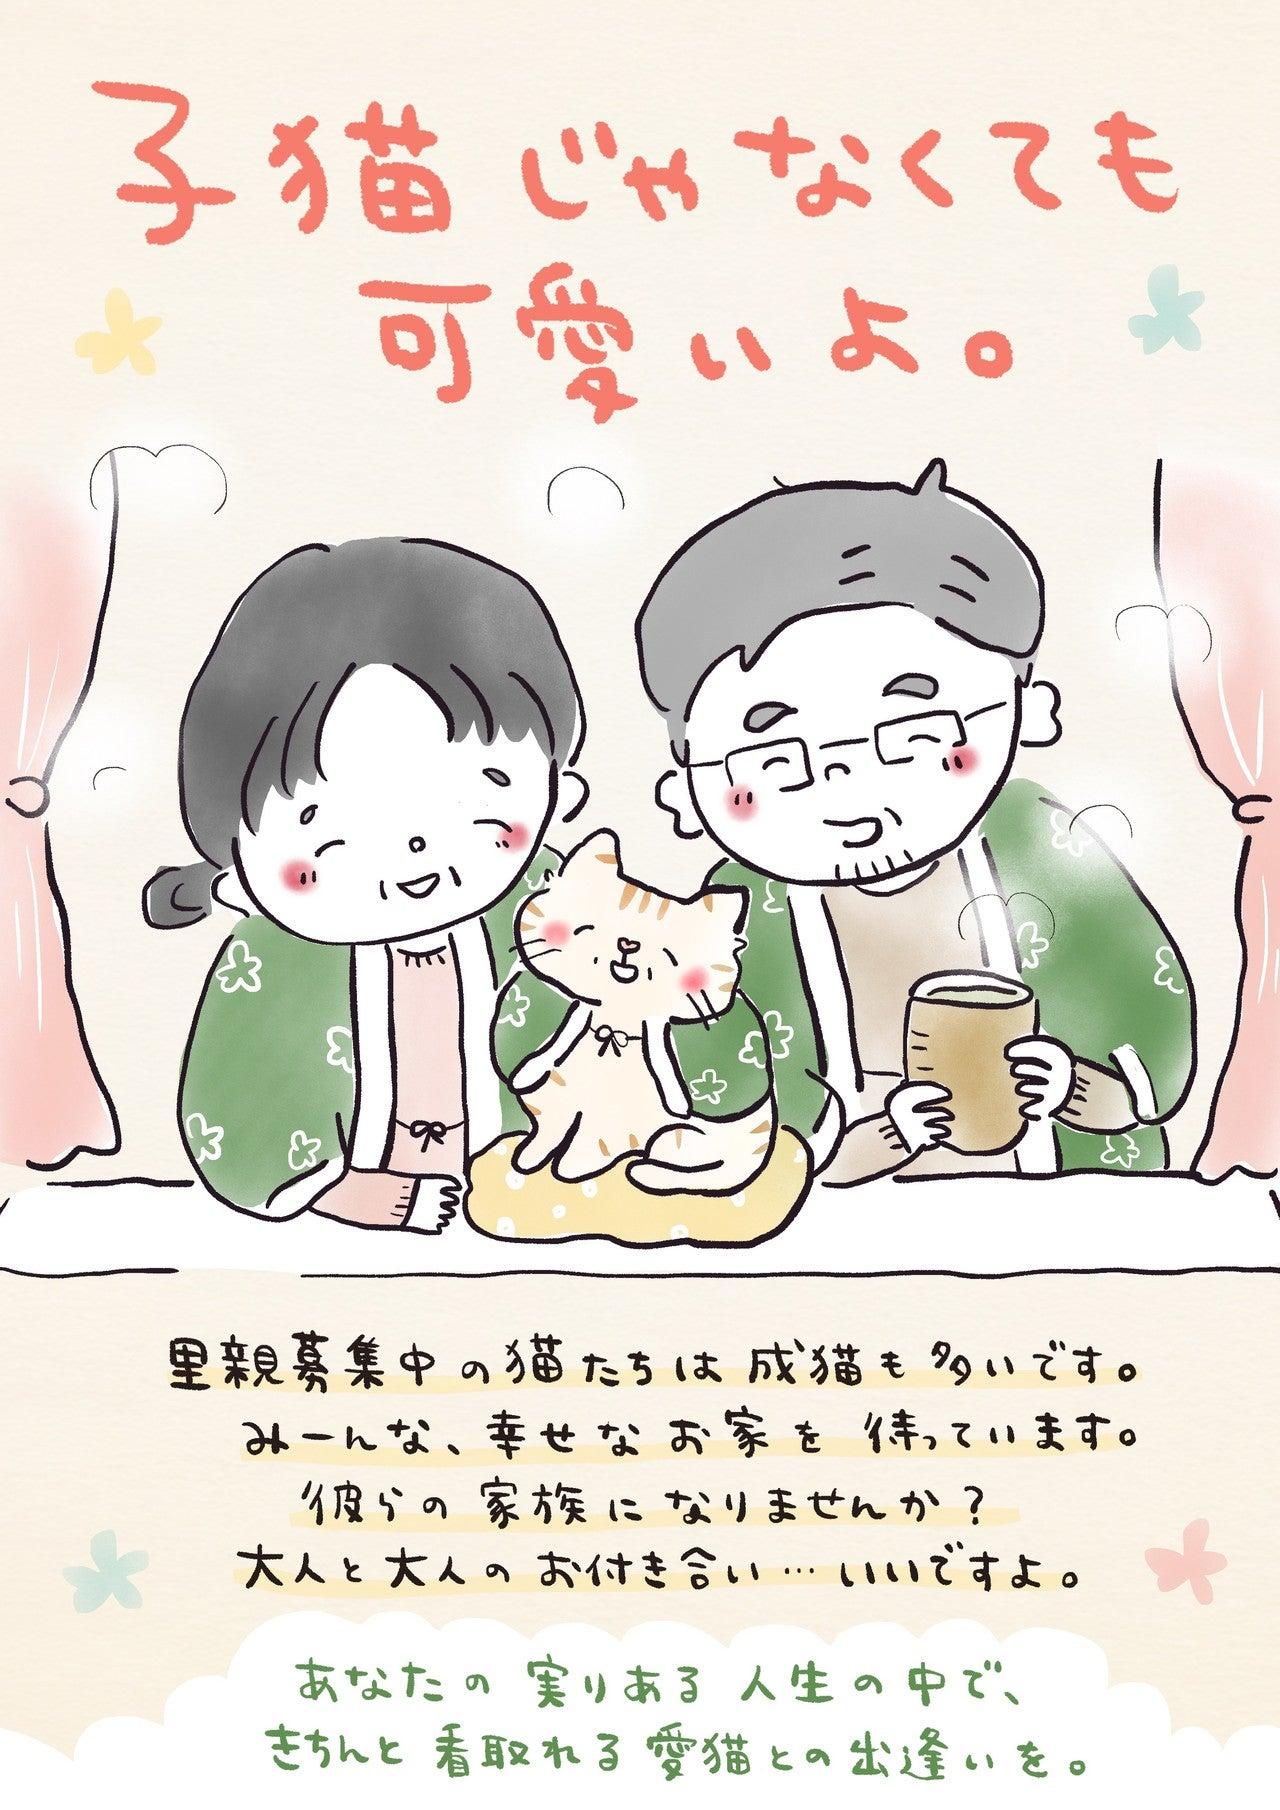 子犬 子猫 じゃなくても可愛いよ Prのためのフリーイラスト おおがきなこ 漫画家 Note